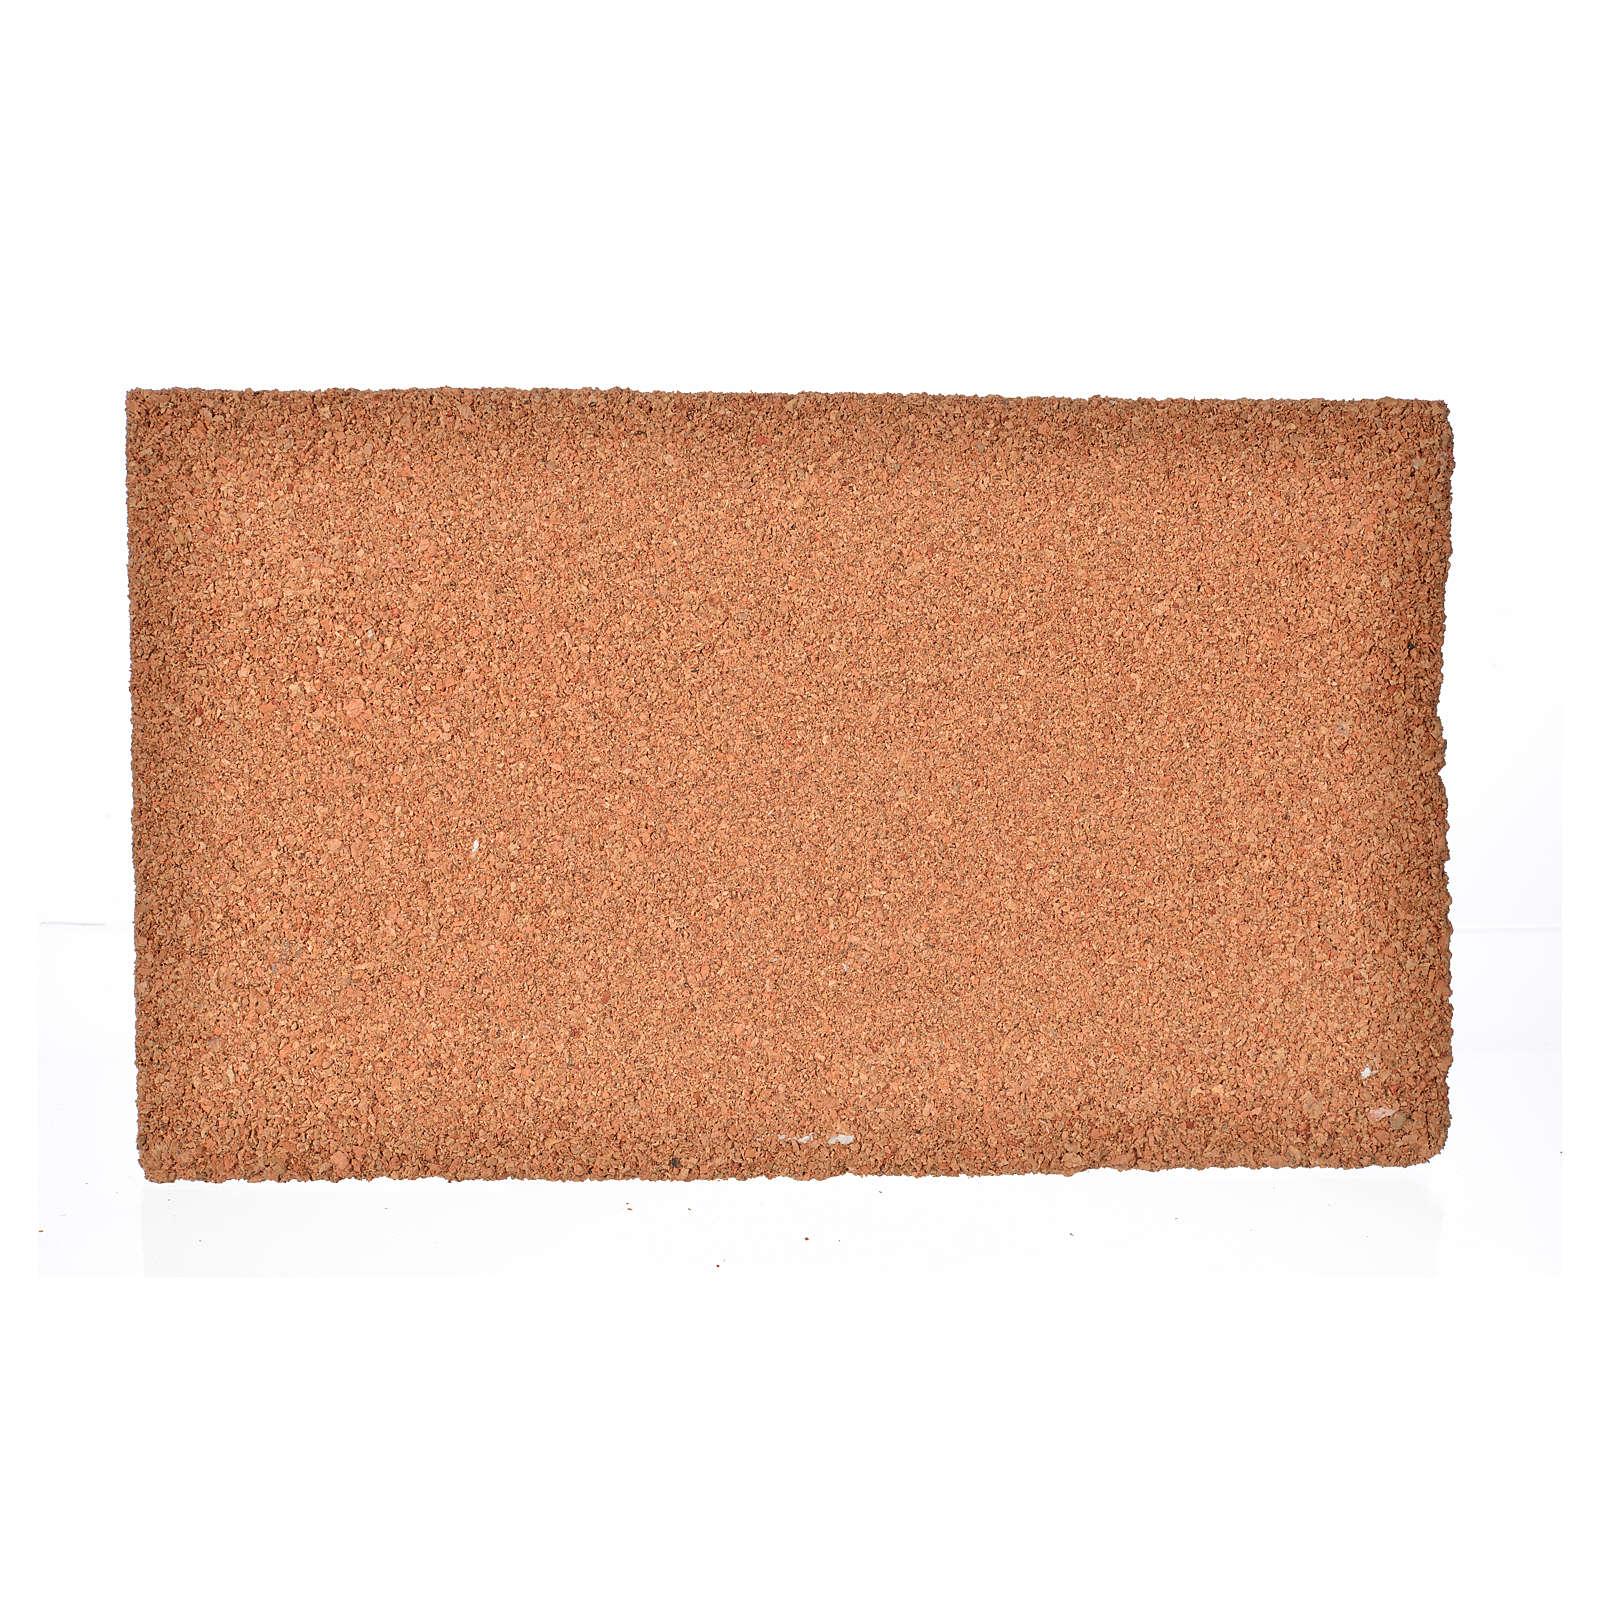 Pannello sughero pietra/mattone cm 33x20x1.5 4